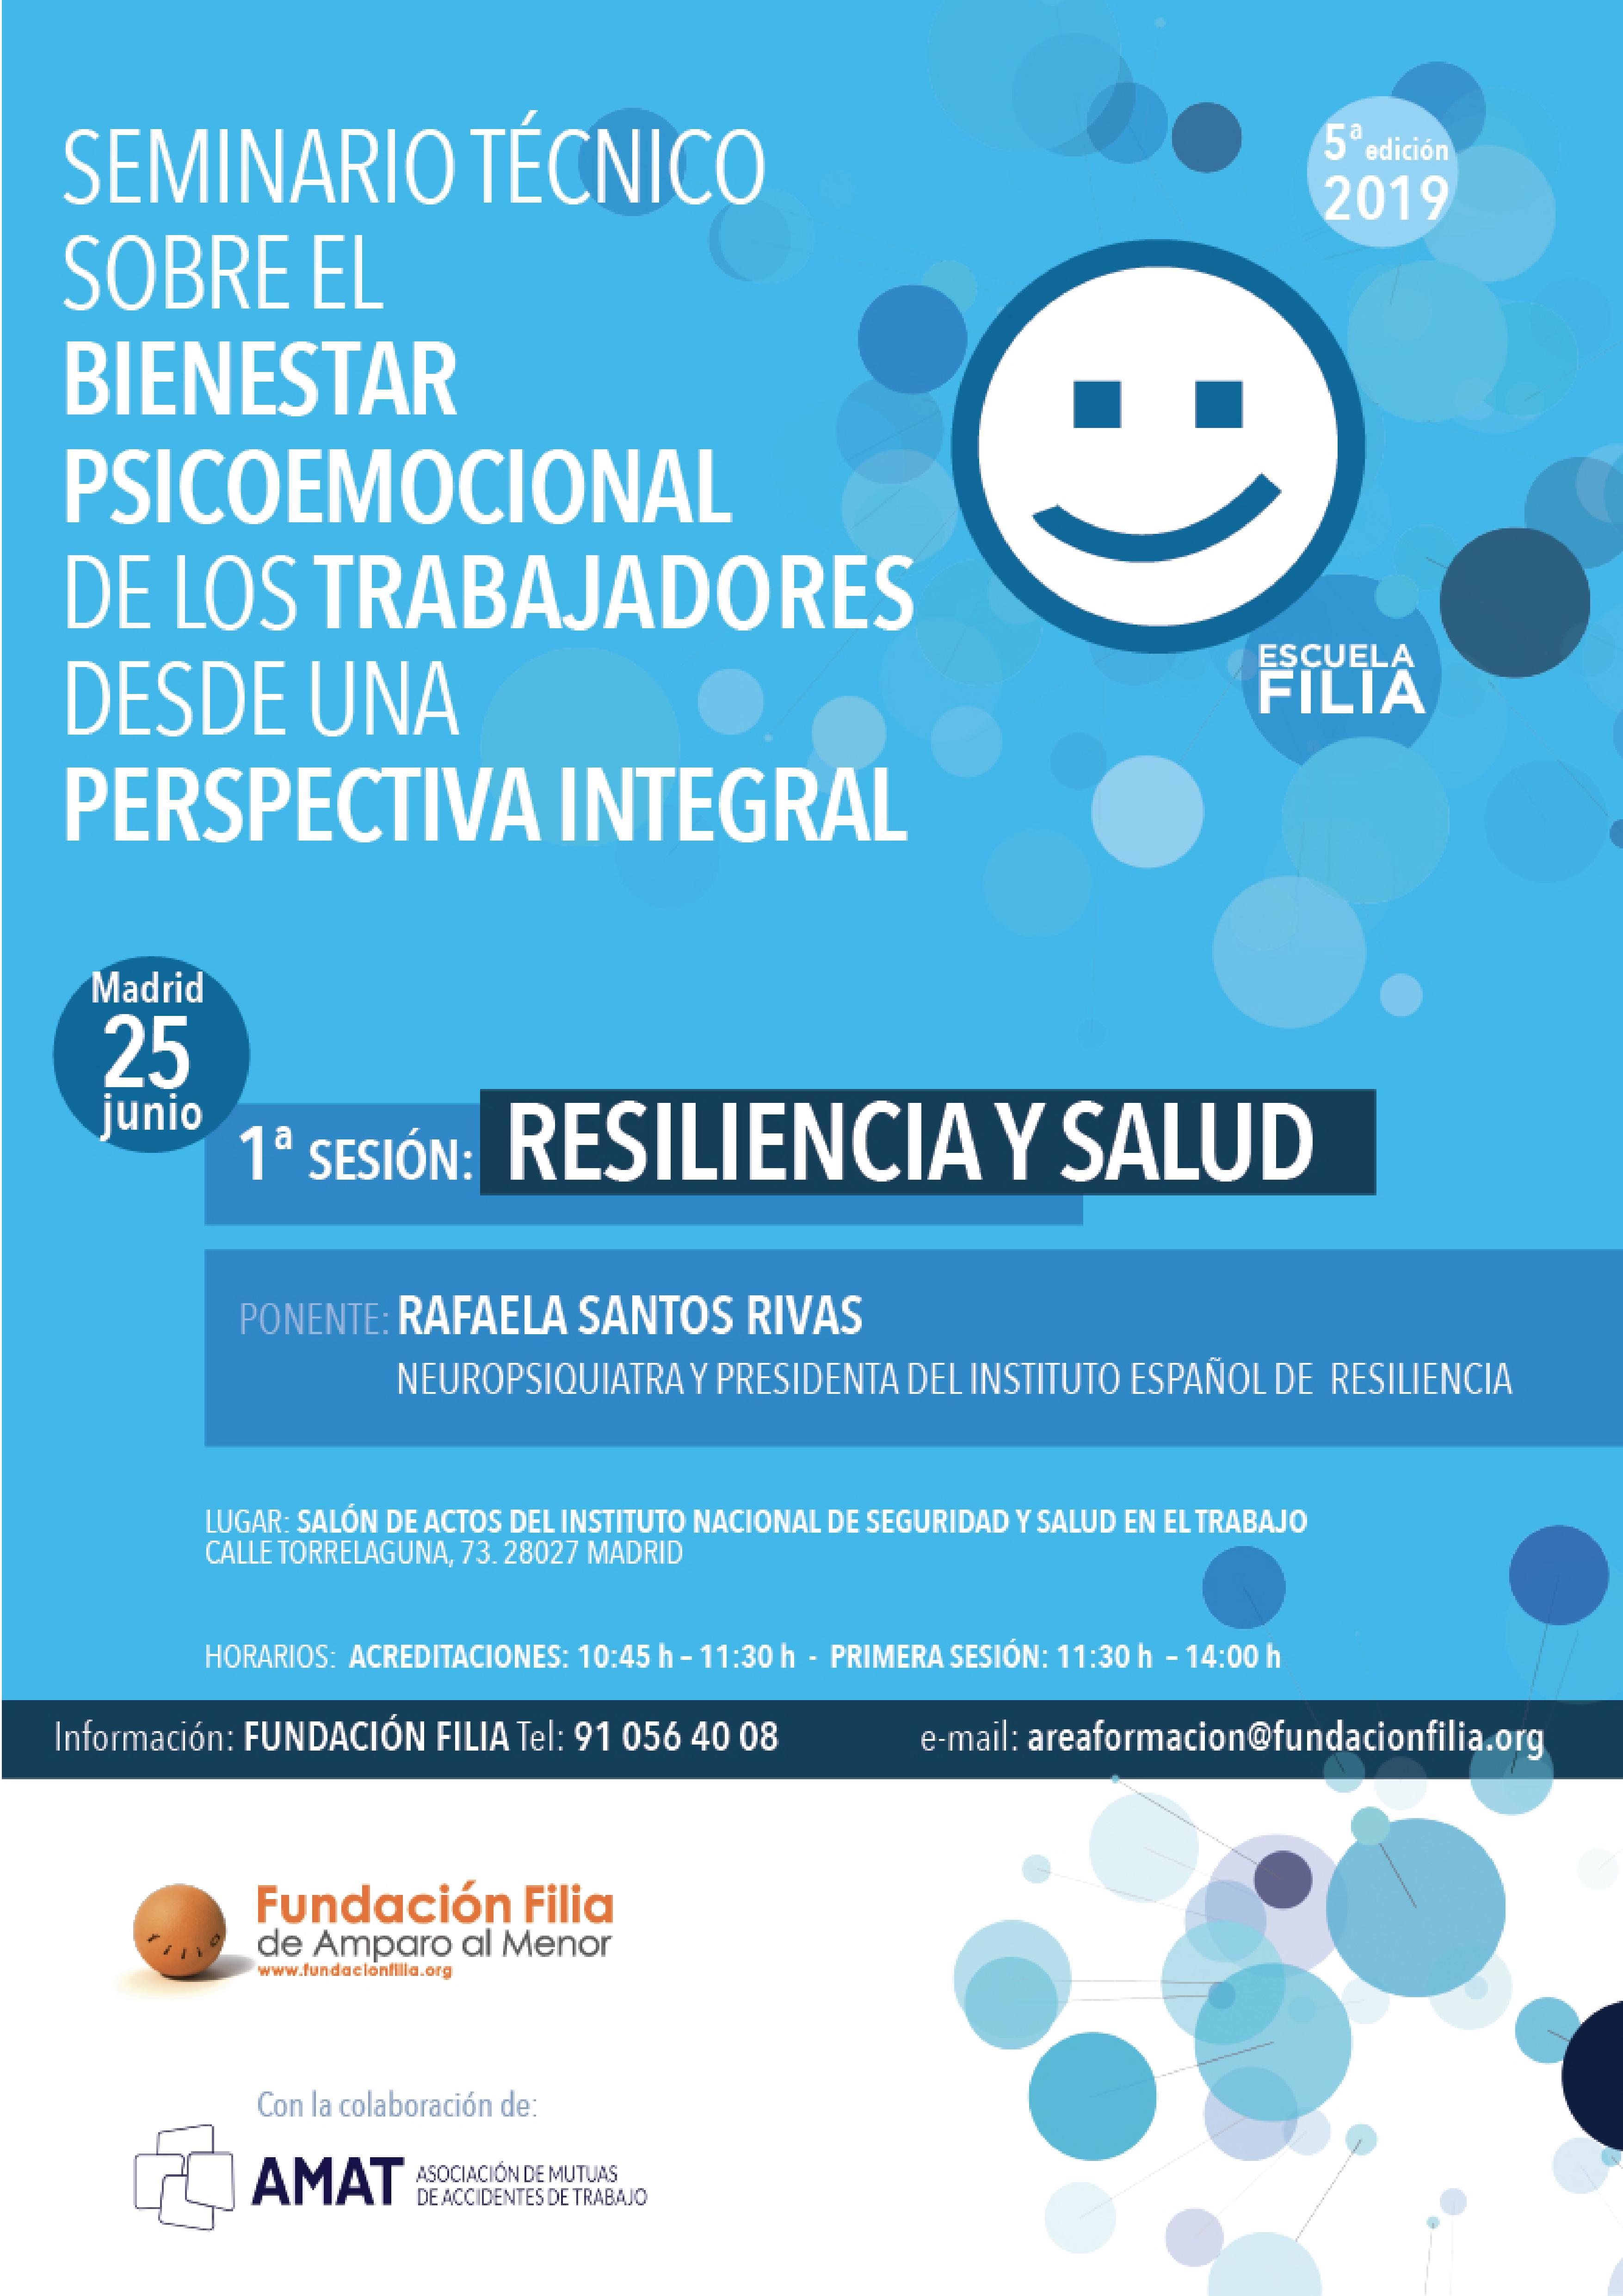 Seminario Técnico sobre el bienestar psicoemocional de los trabajadores desde una perspectiva integral, Escuela Filia y AMAT